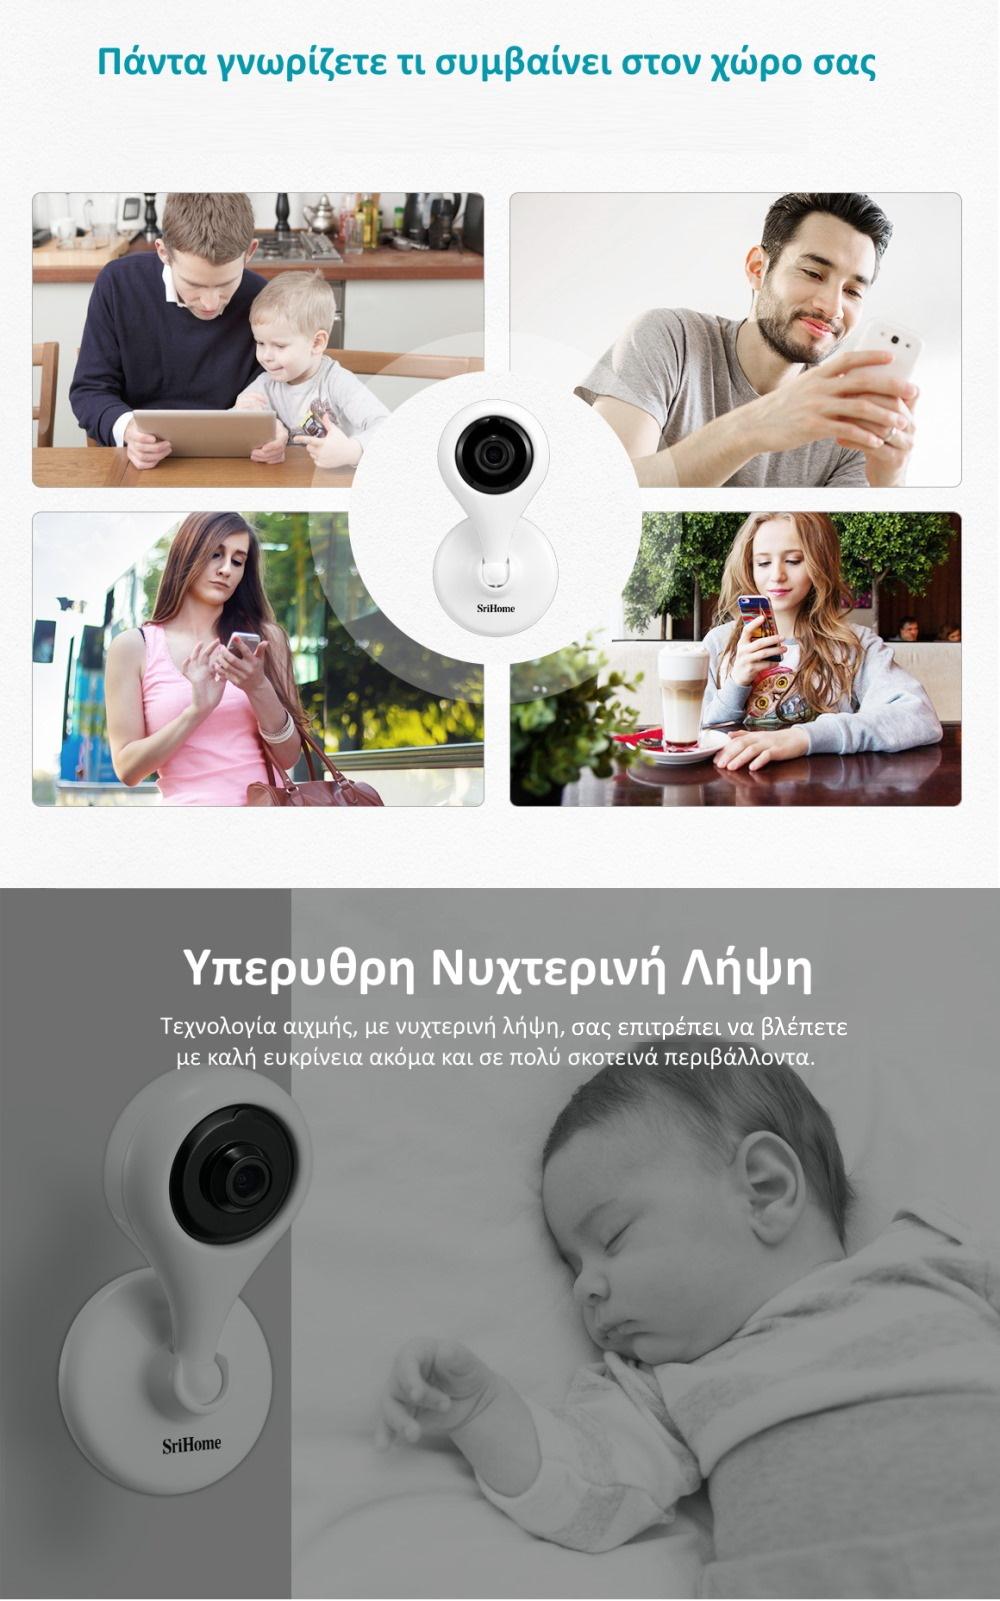 παρακολούθηση μέσω κινητού από οπουδήποτε